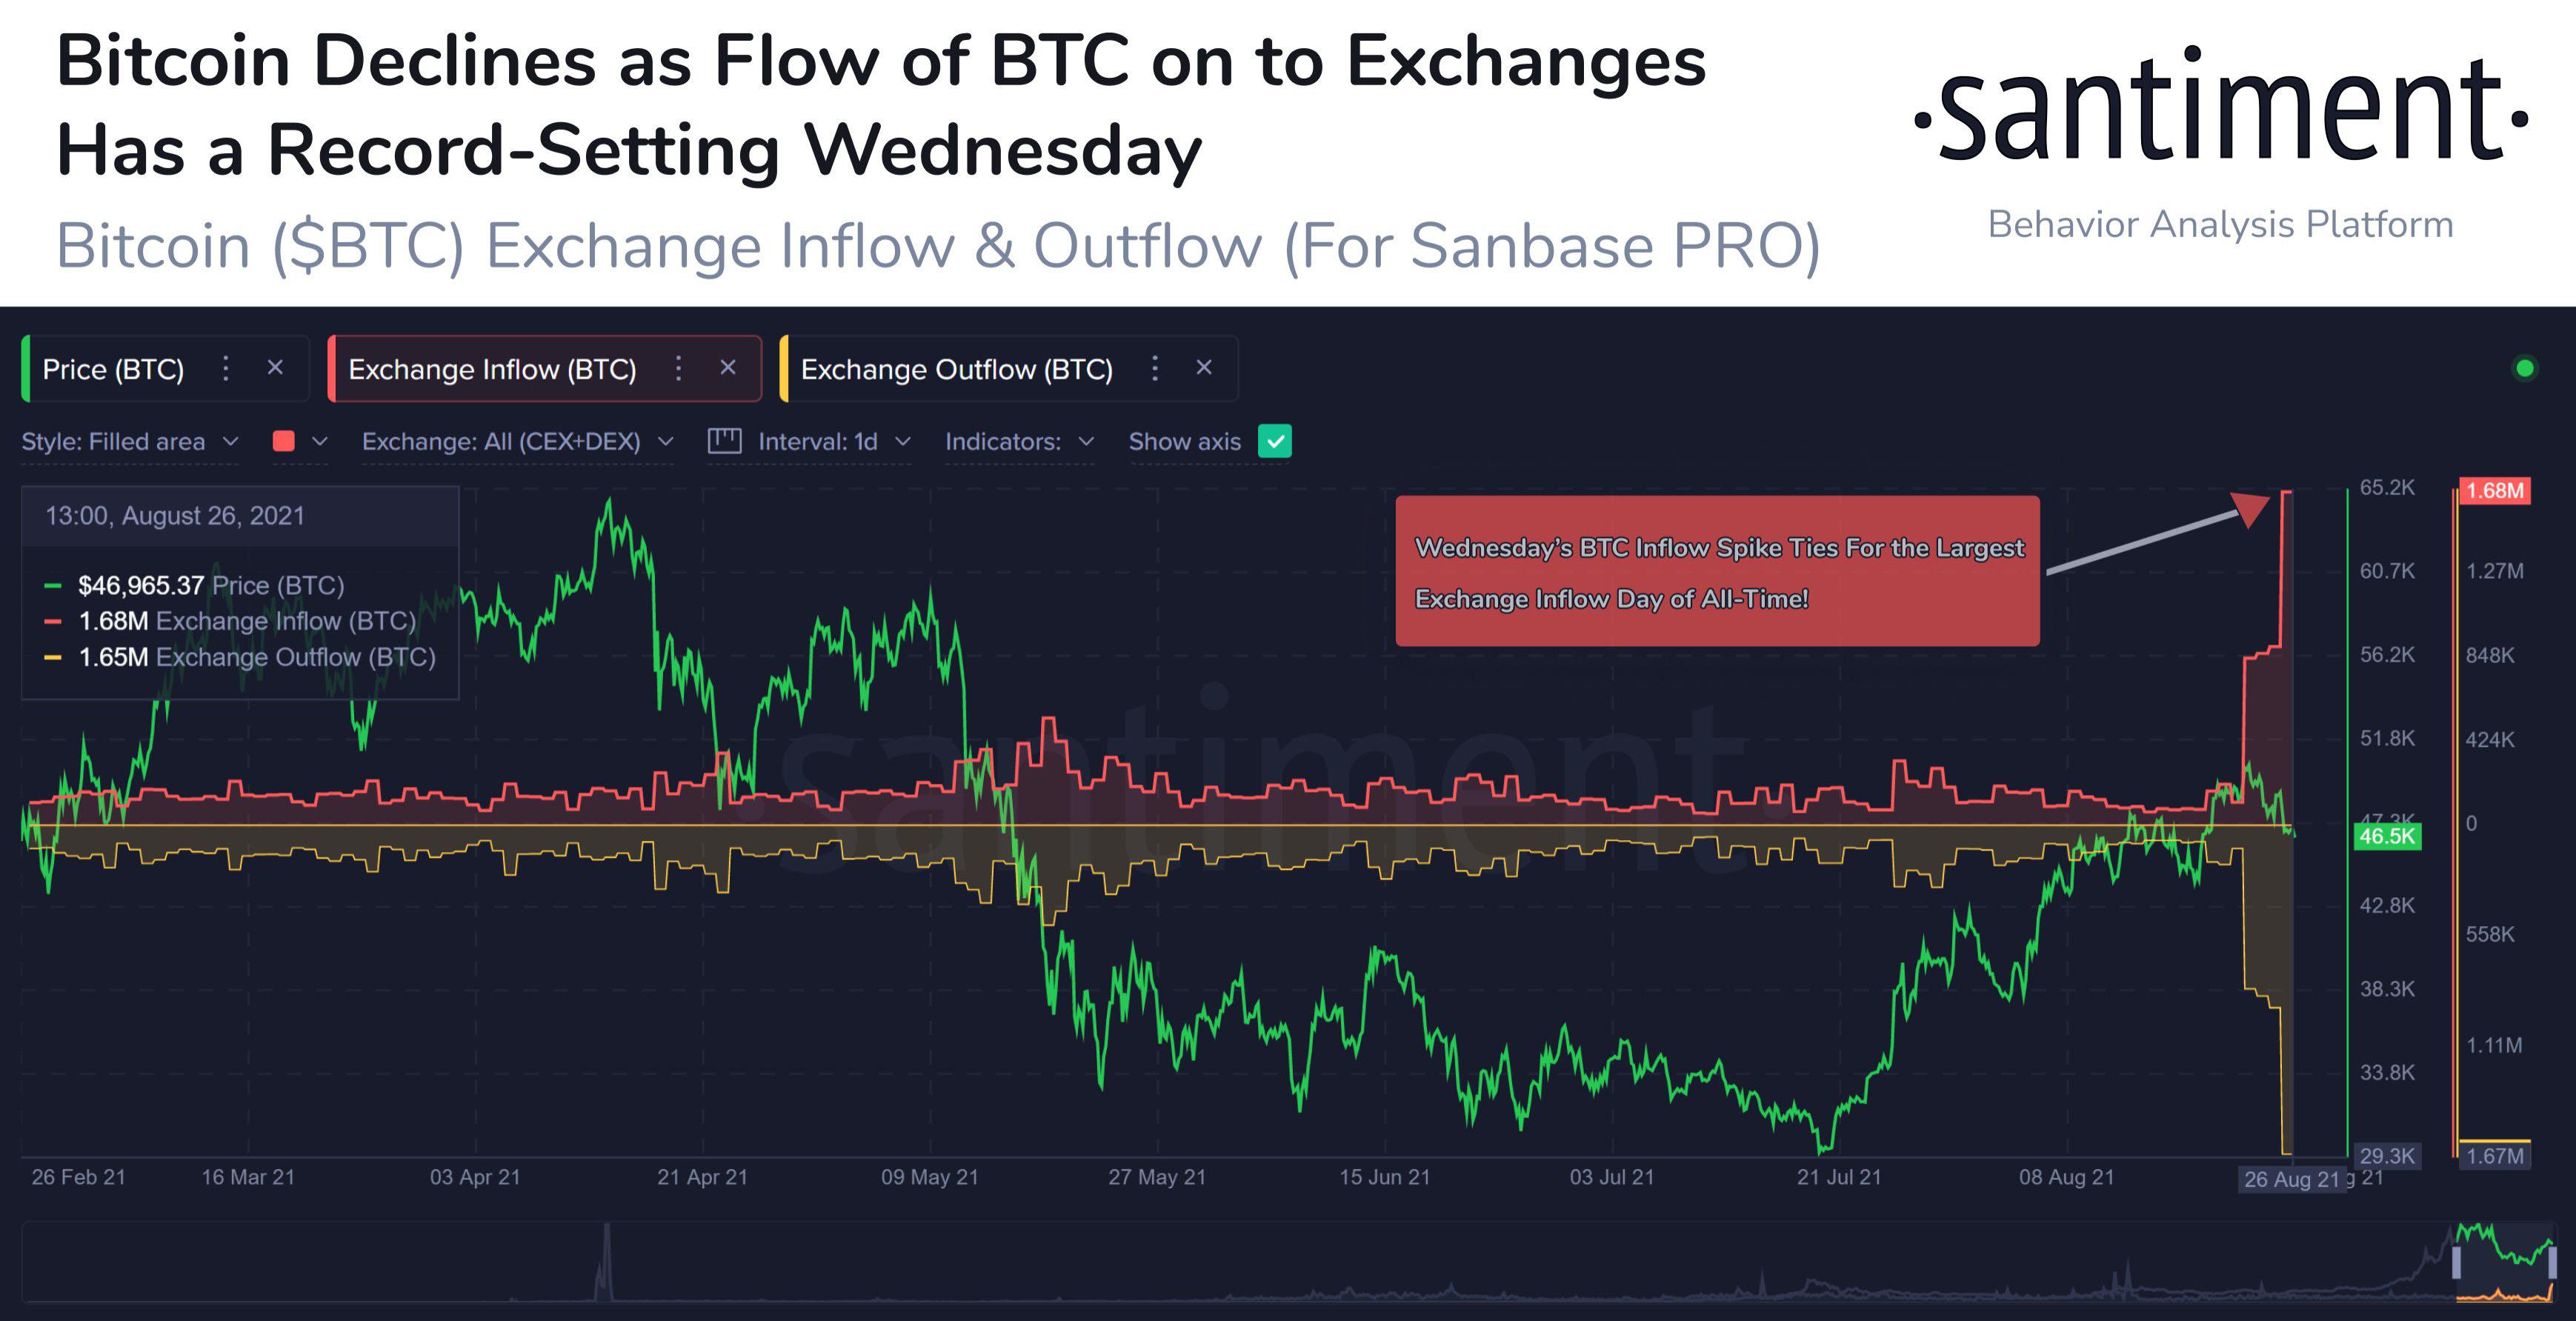 La semaine dernière, le bitcoin a enregistré sa plus grande journée d'afflux d'échanges depuis le 19 juin 2019, ce qui pourrait accroître la volatilité dans les prochains jours. Source : Santiment